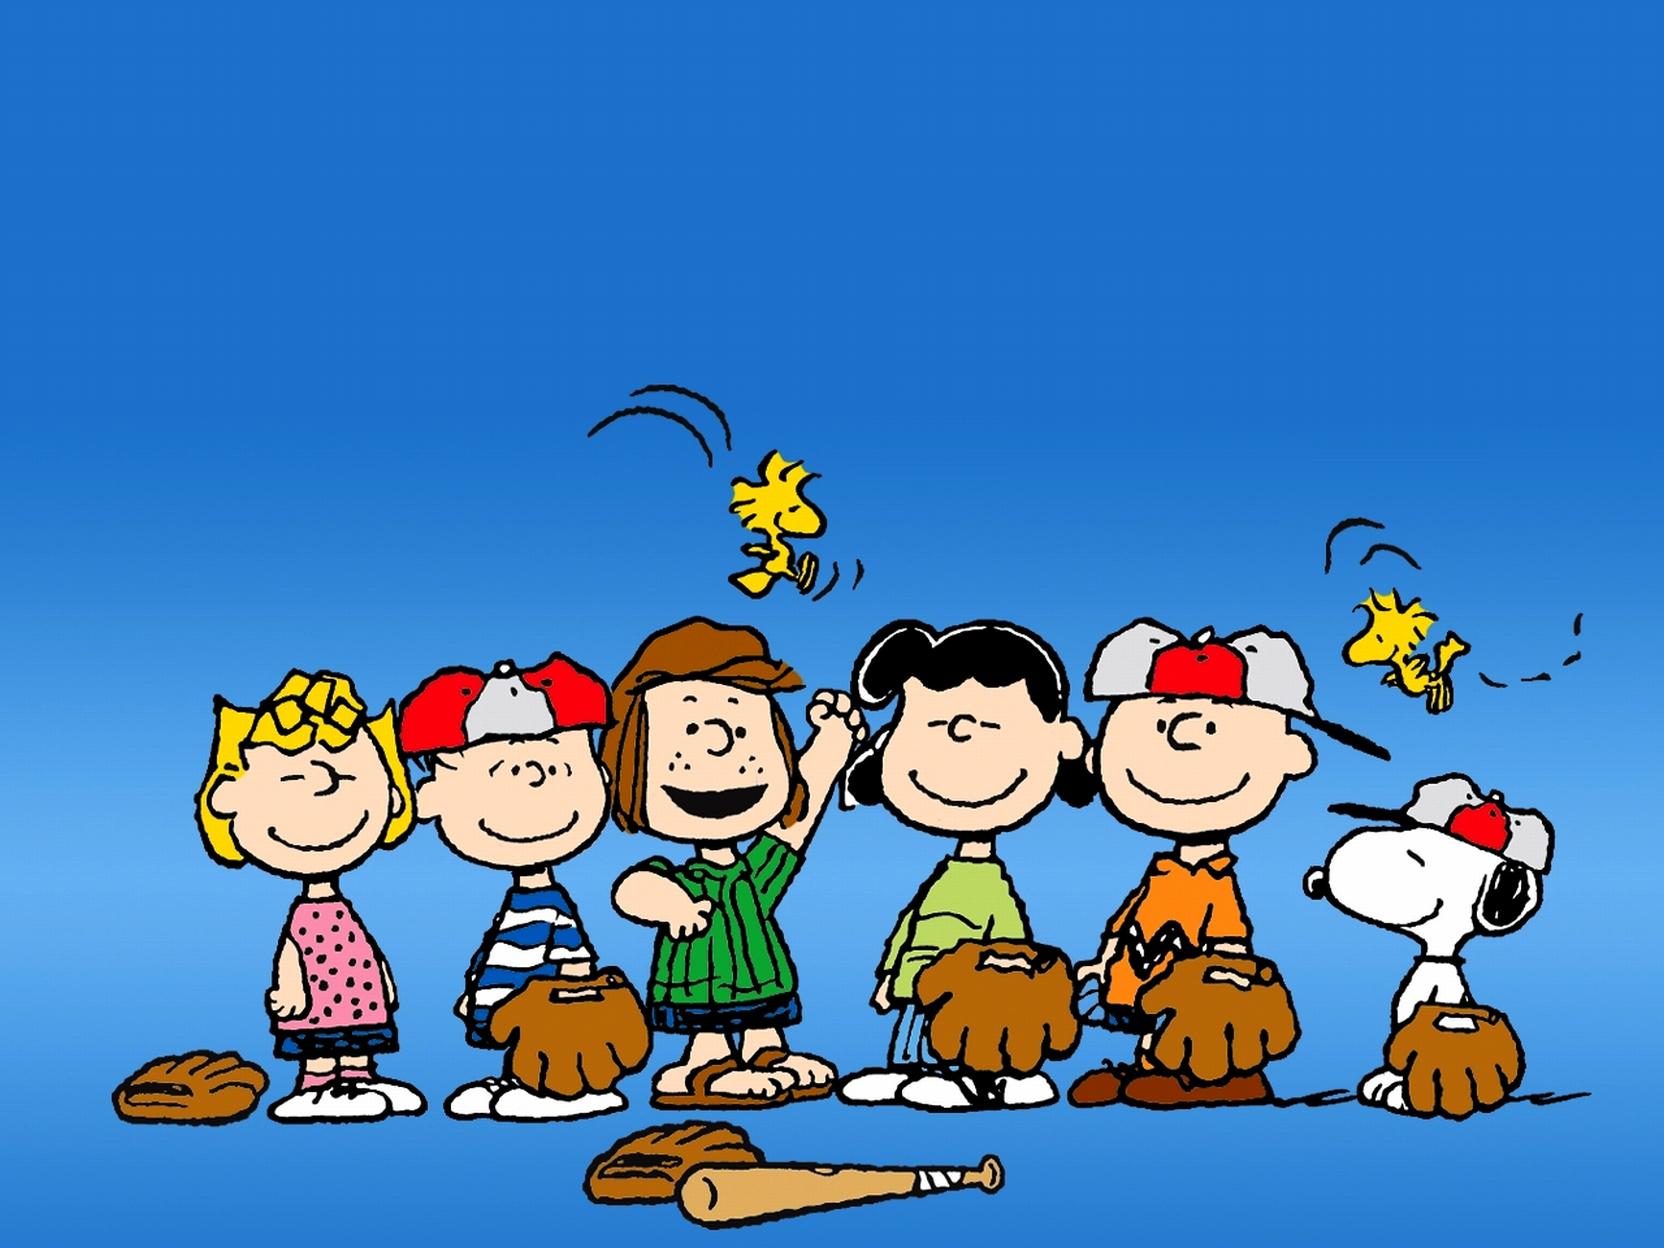 Peanuts Wallpaper 1664x1248